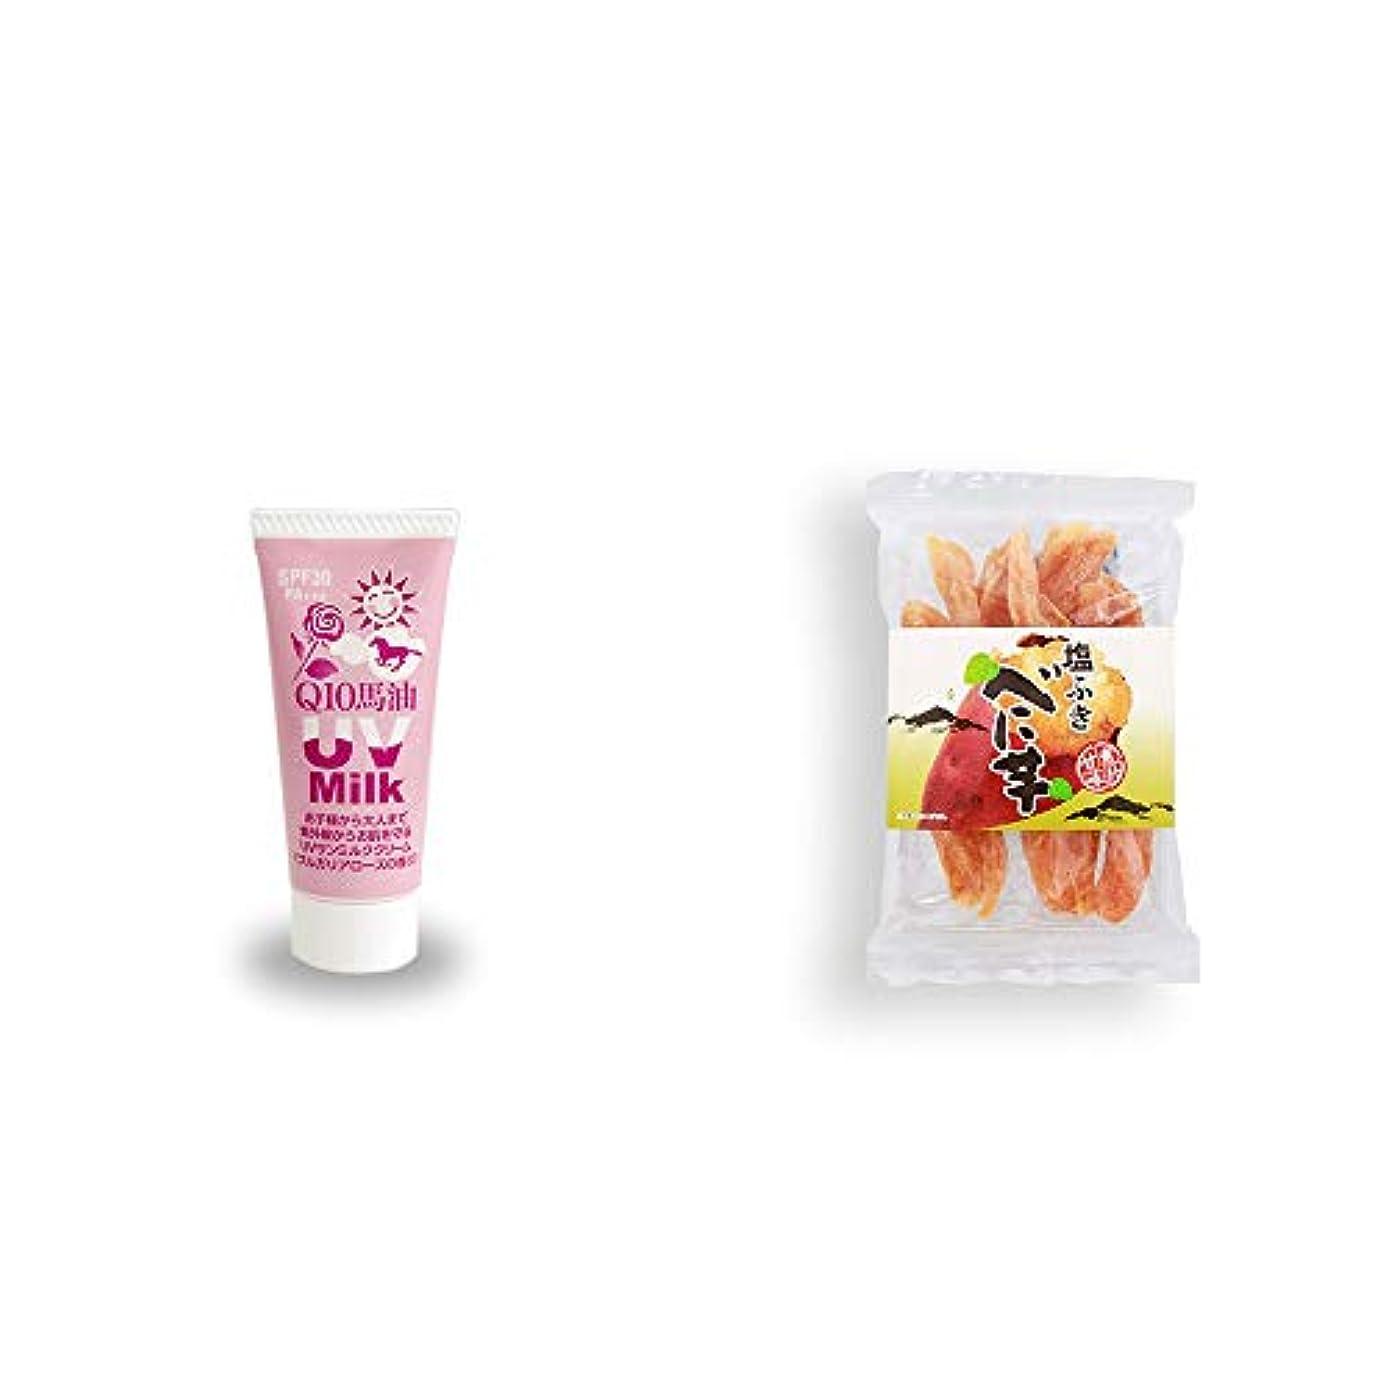 レガシー強調するドーム[2点セット] 炭黒泉 Q10馬油 UVサンミルク[ブルガリアローズ](40g)?塩ふき べに芋(250g)